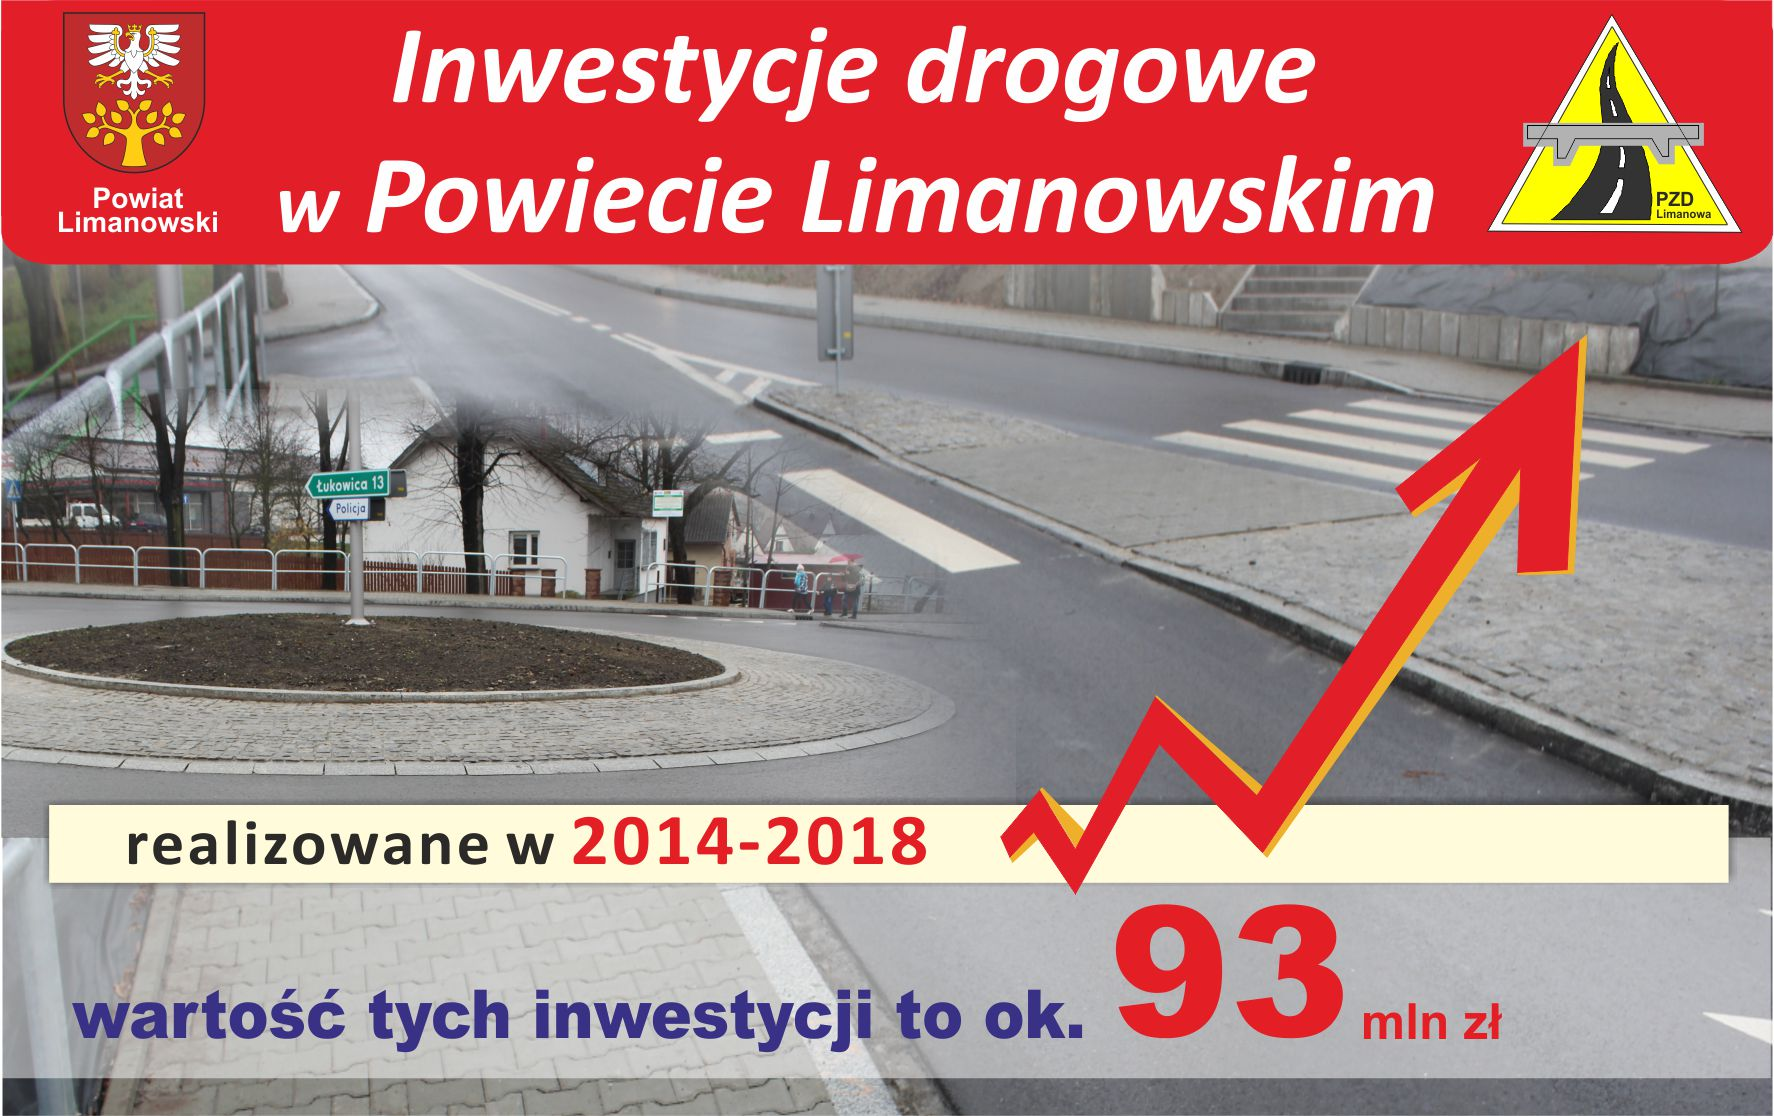 baner inwestycje drogowe w powiecie